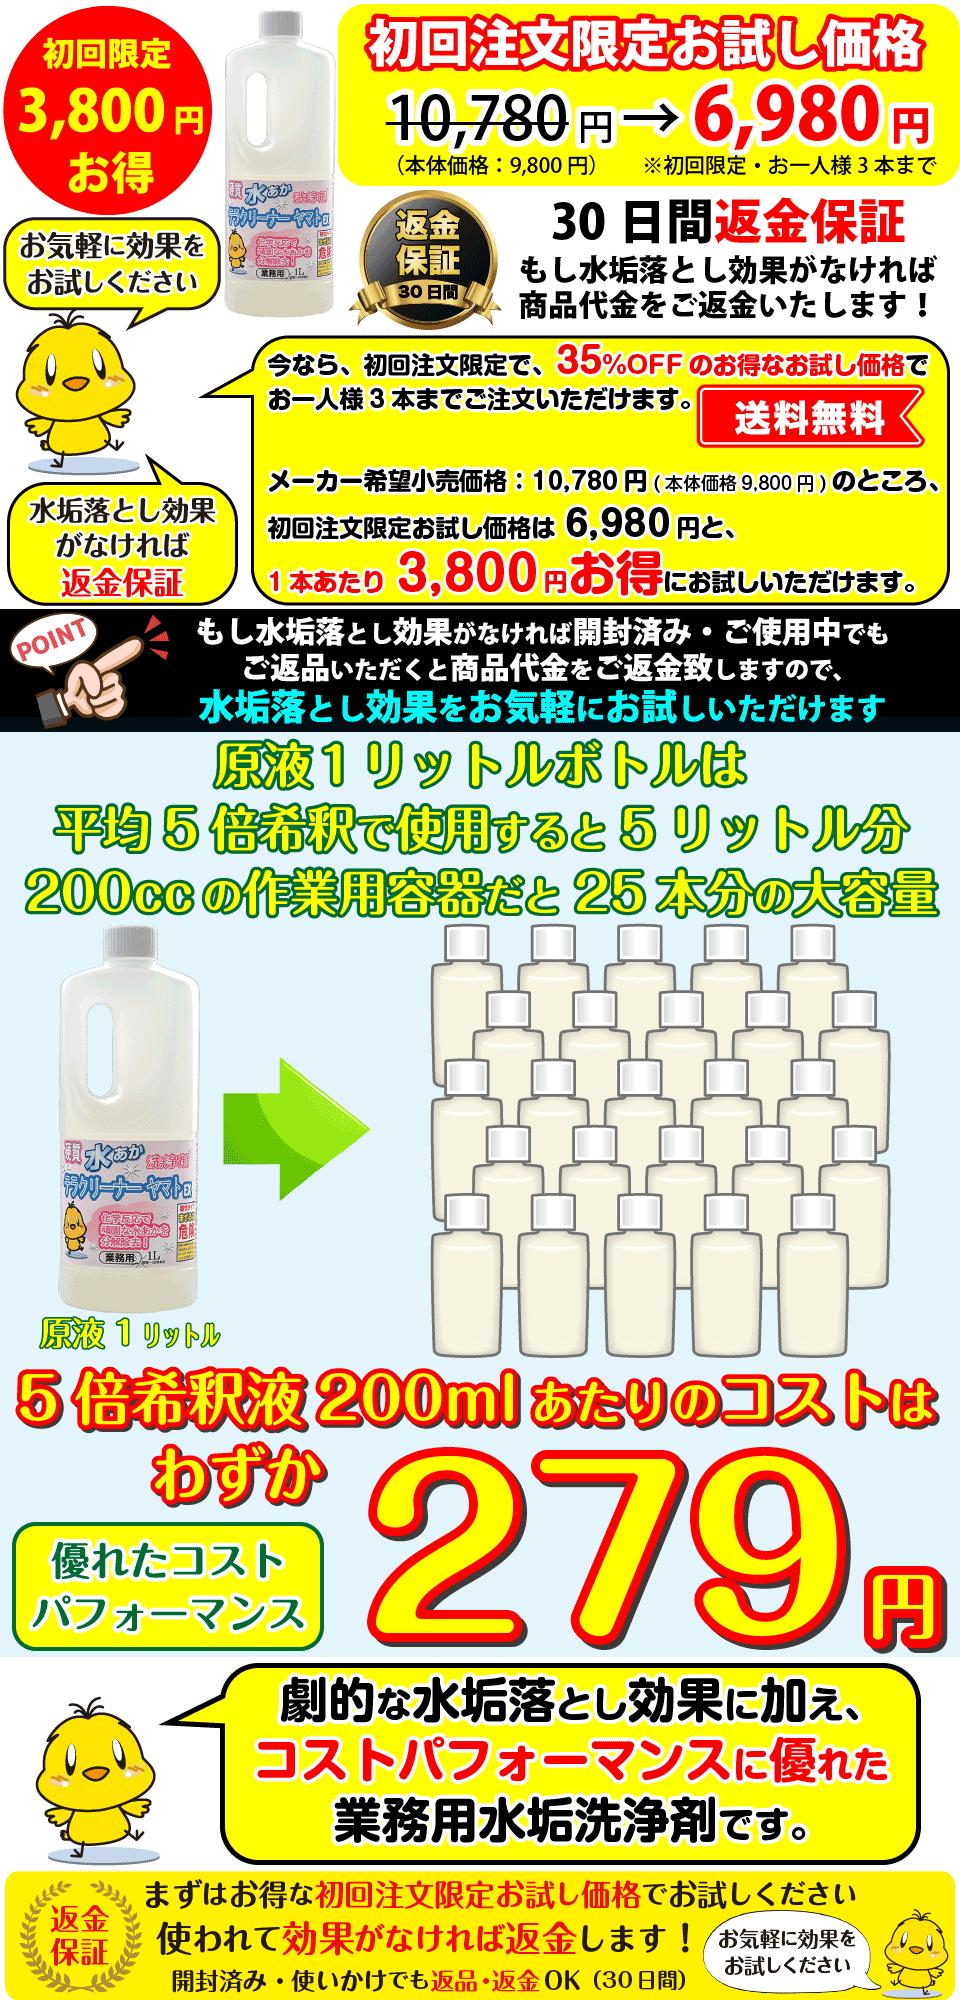 業務用水垢落とし洗剤の初回注文限定価格